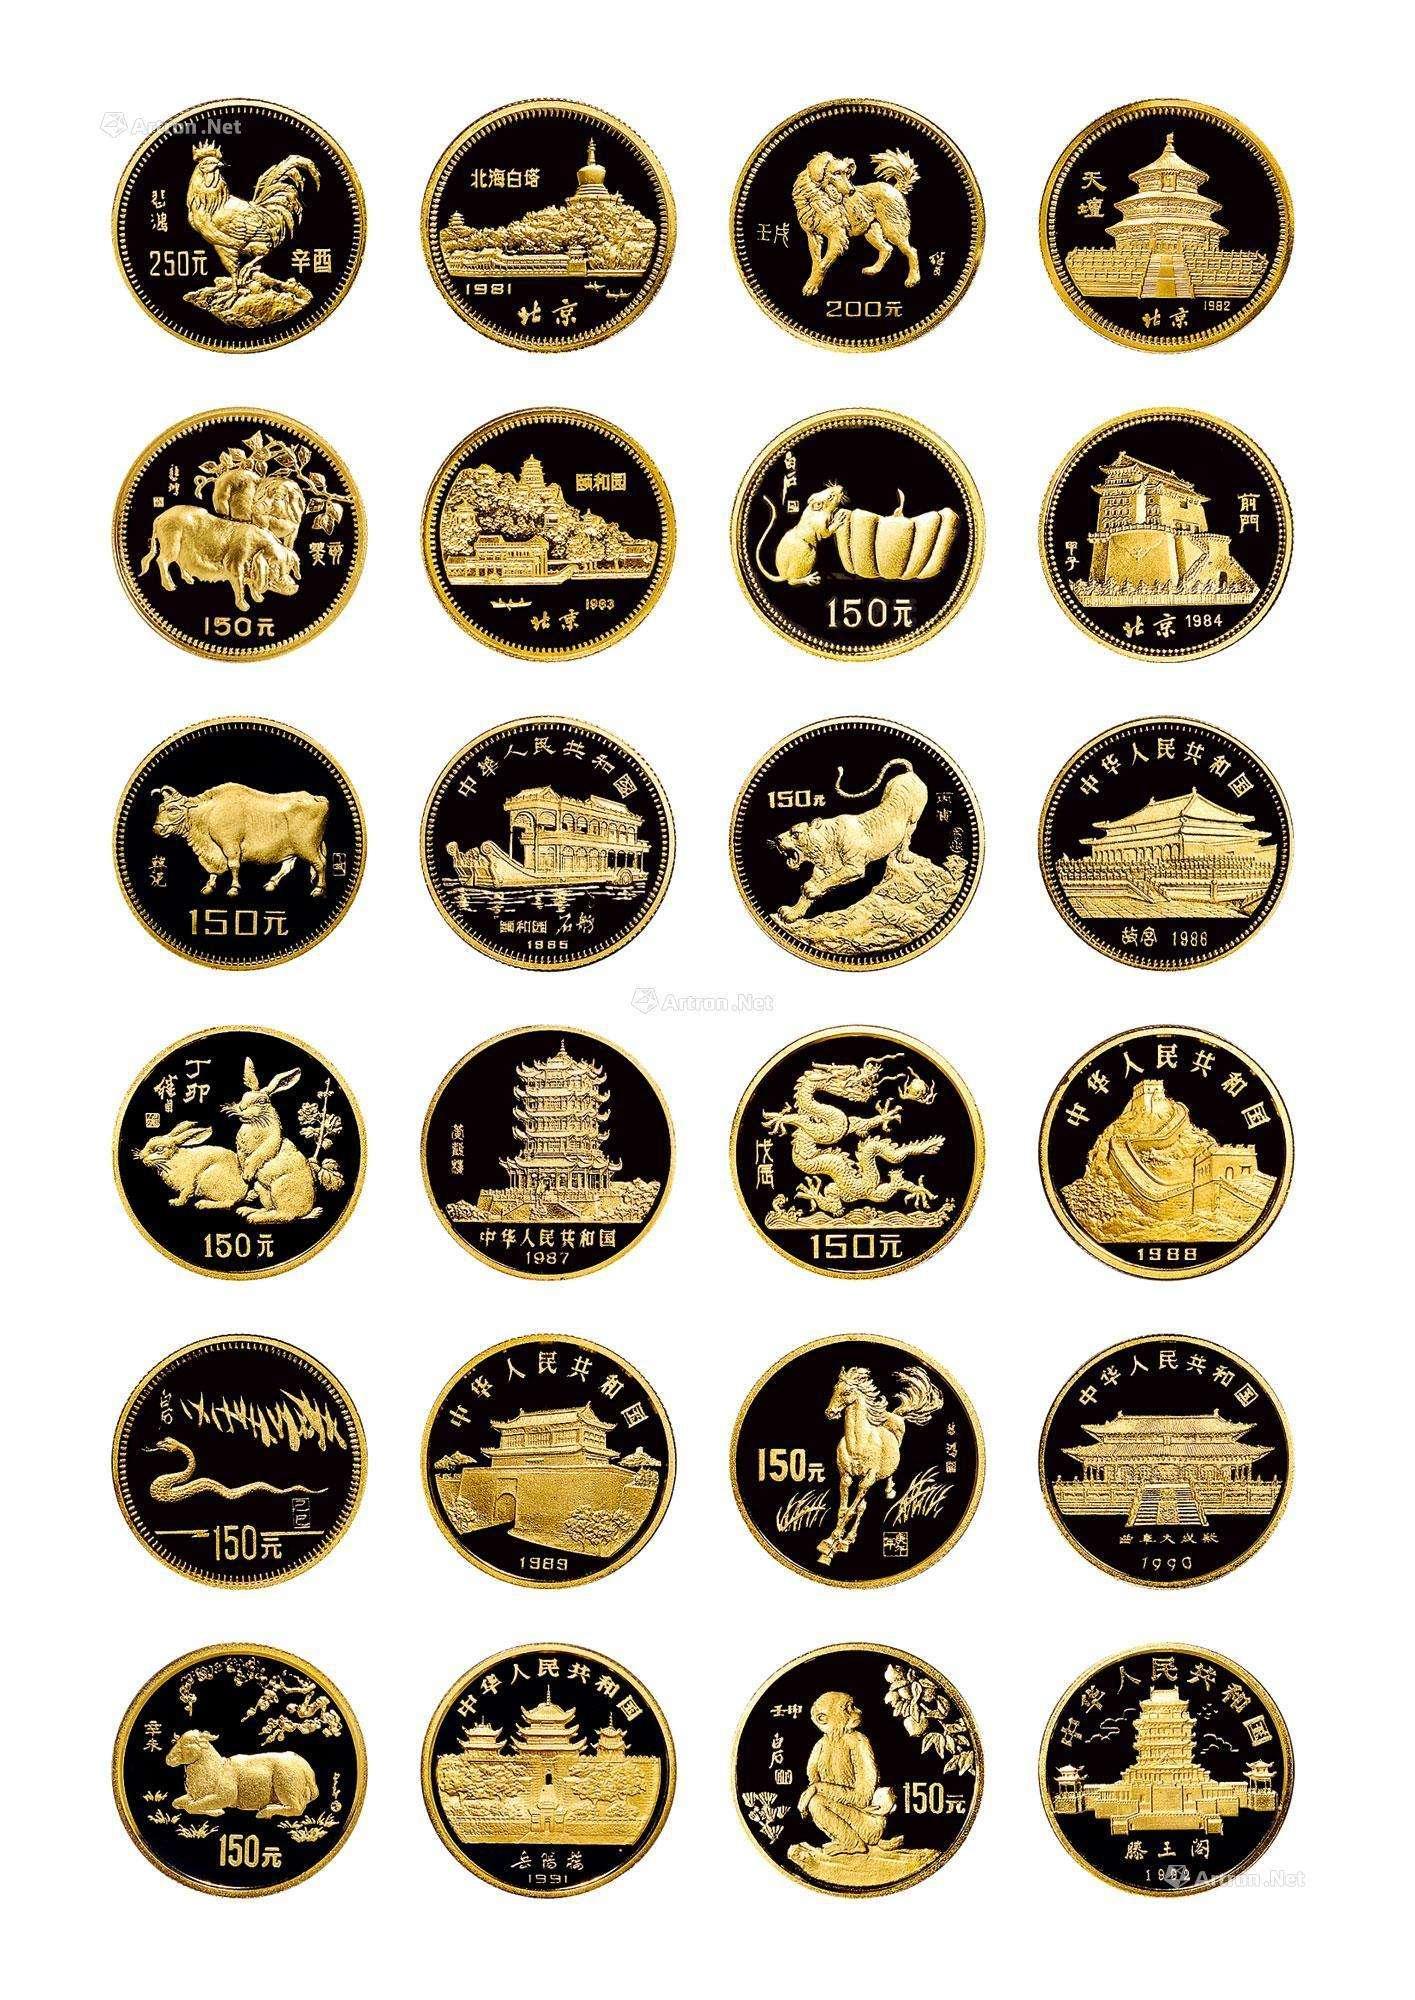 中国人民银行十二生肖金币收藏前景如何?浅谈其收藏价值